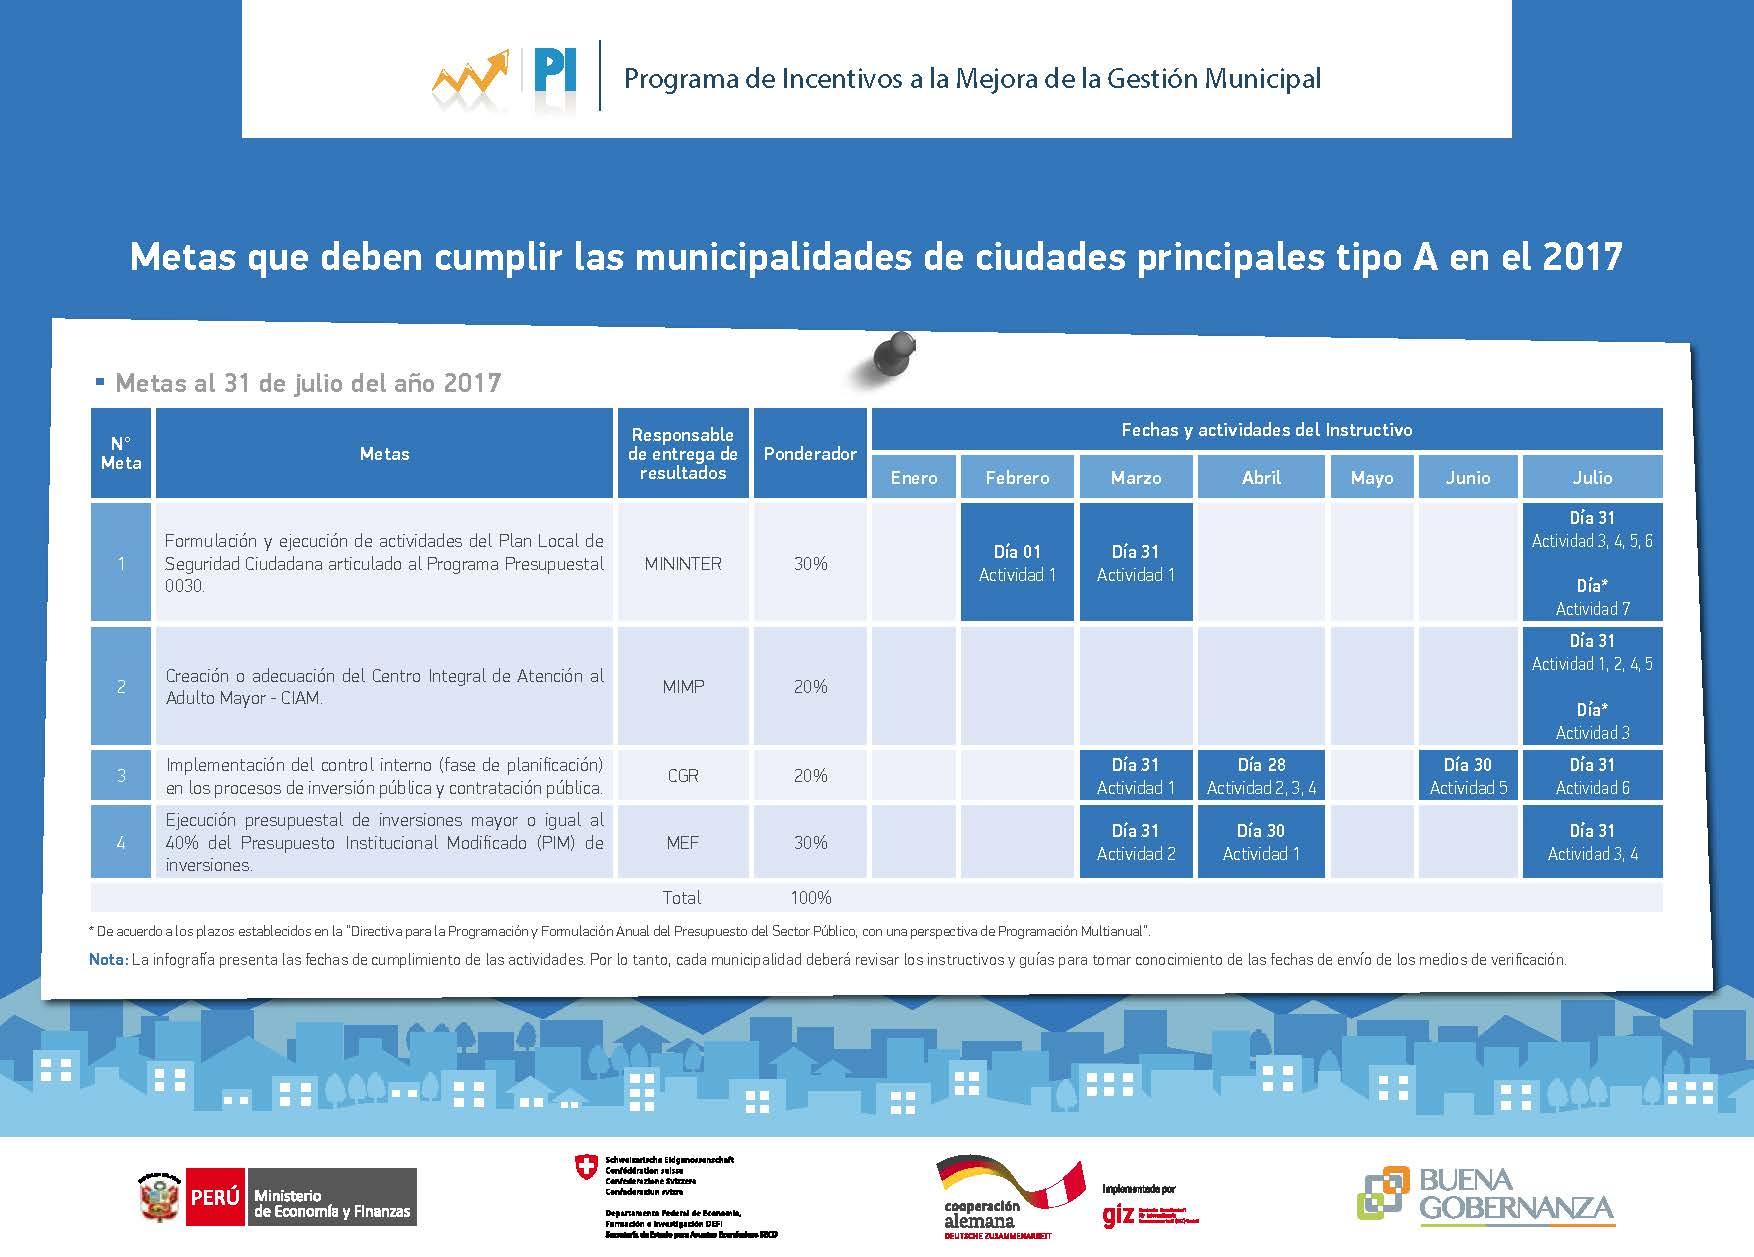 calendario de pagos 2015 mef publicaciones del pi